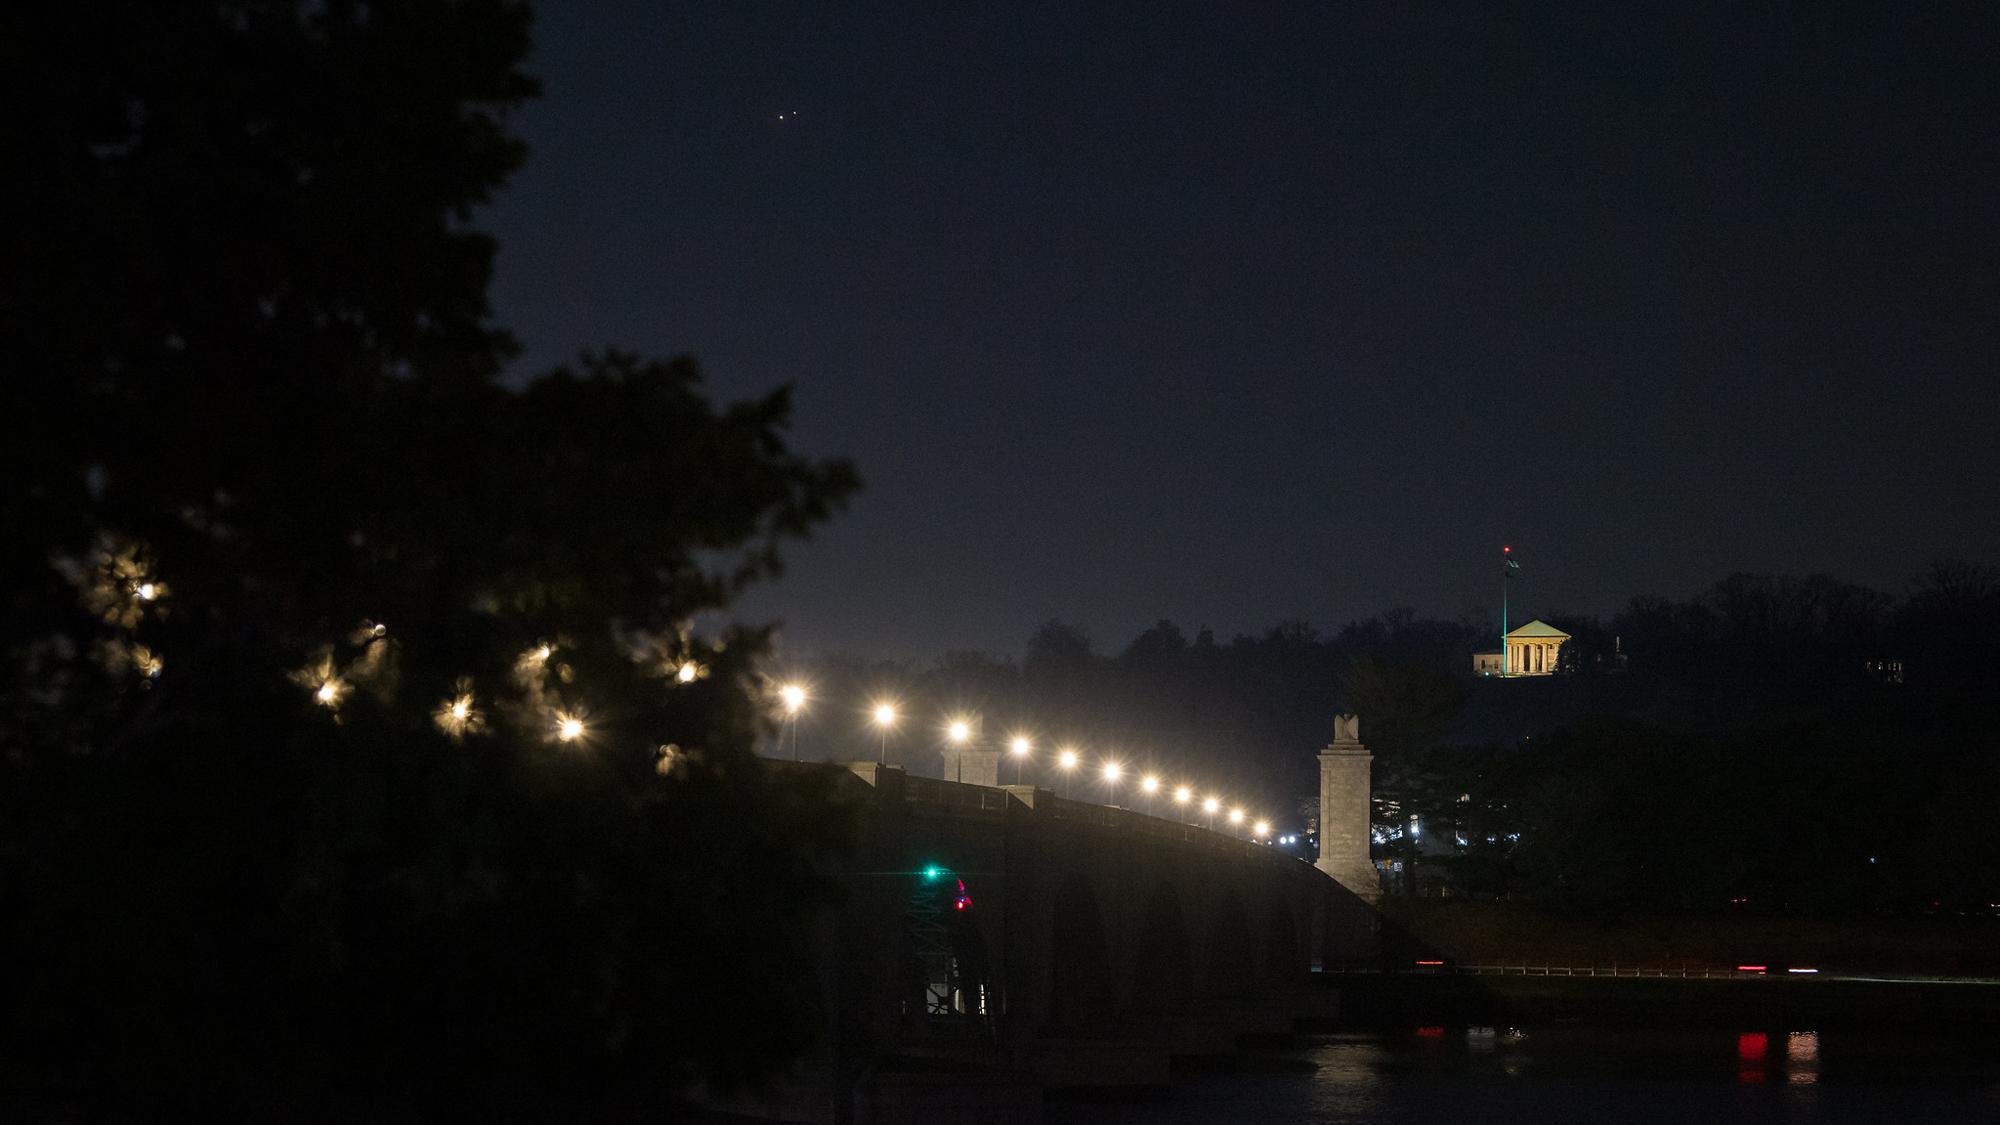 Jupiter (à gauche) et Saturne (à droite) sont vus après le coucher du soleil au-dessus du lac Jordan pendant la